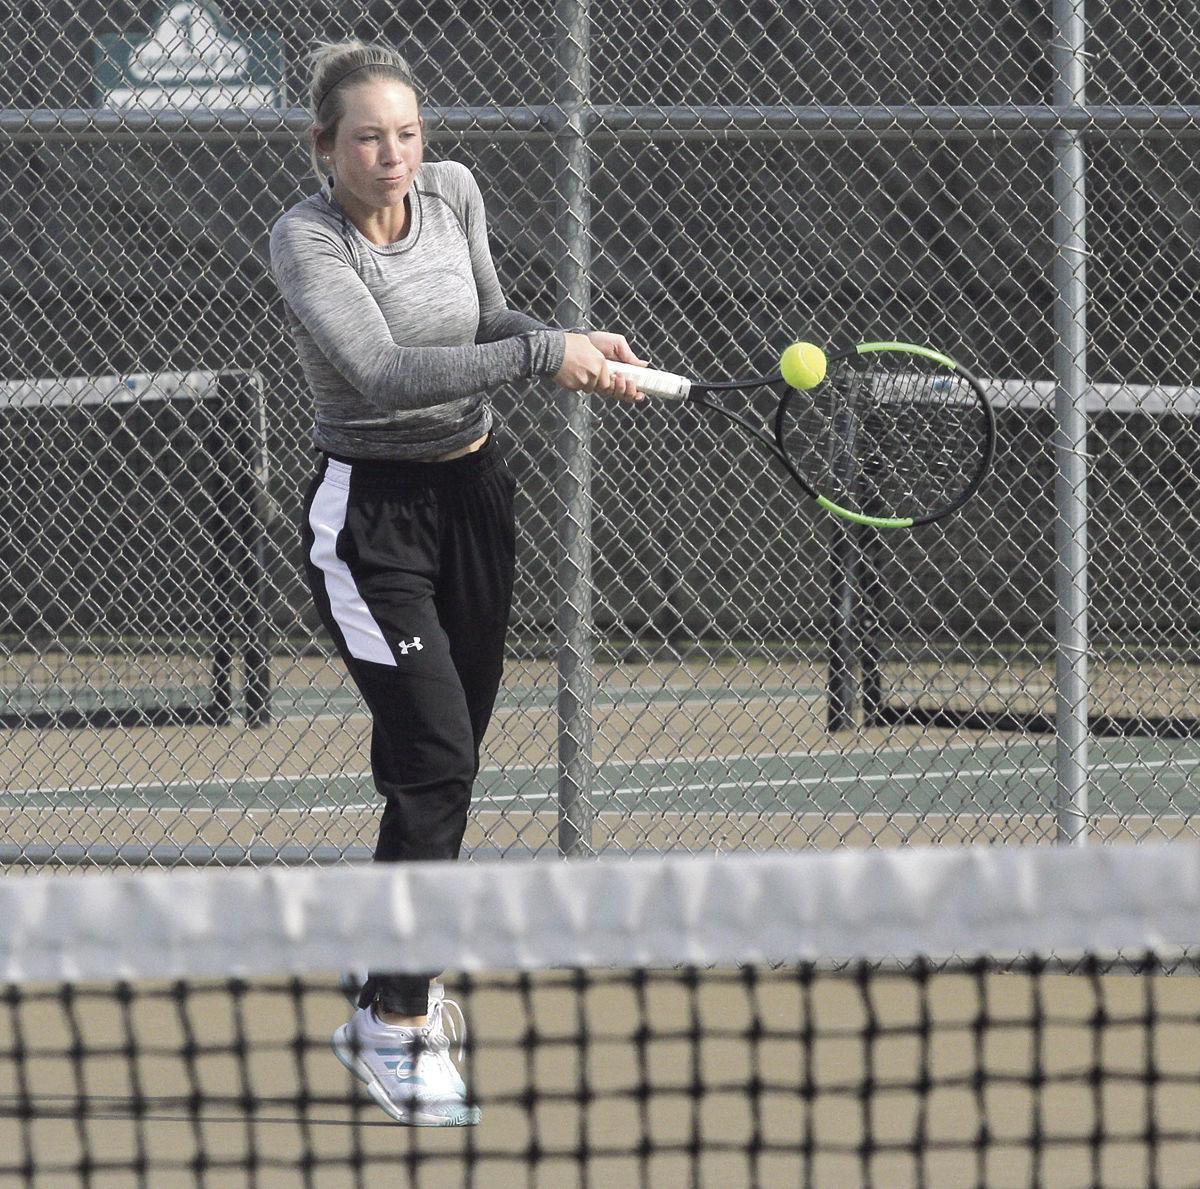 Lakes 8 Tennis Tournament